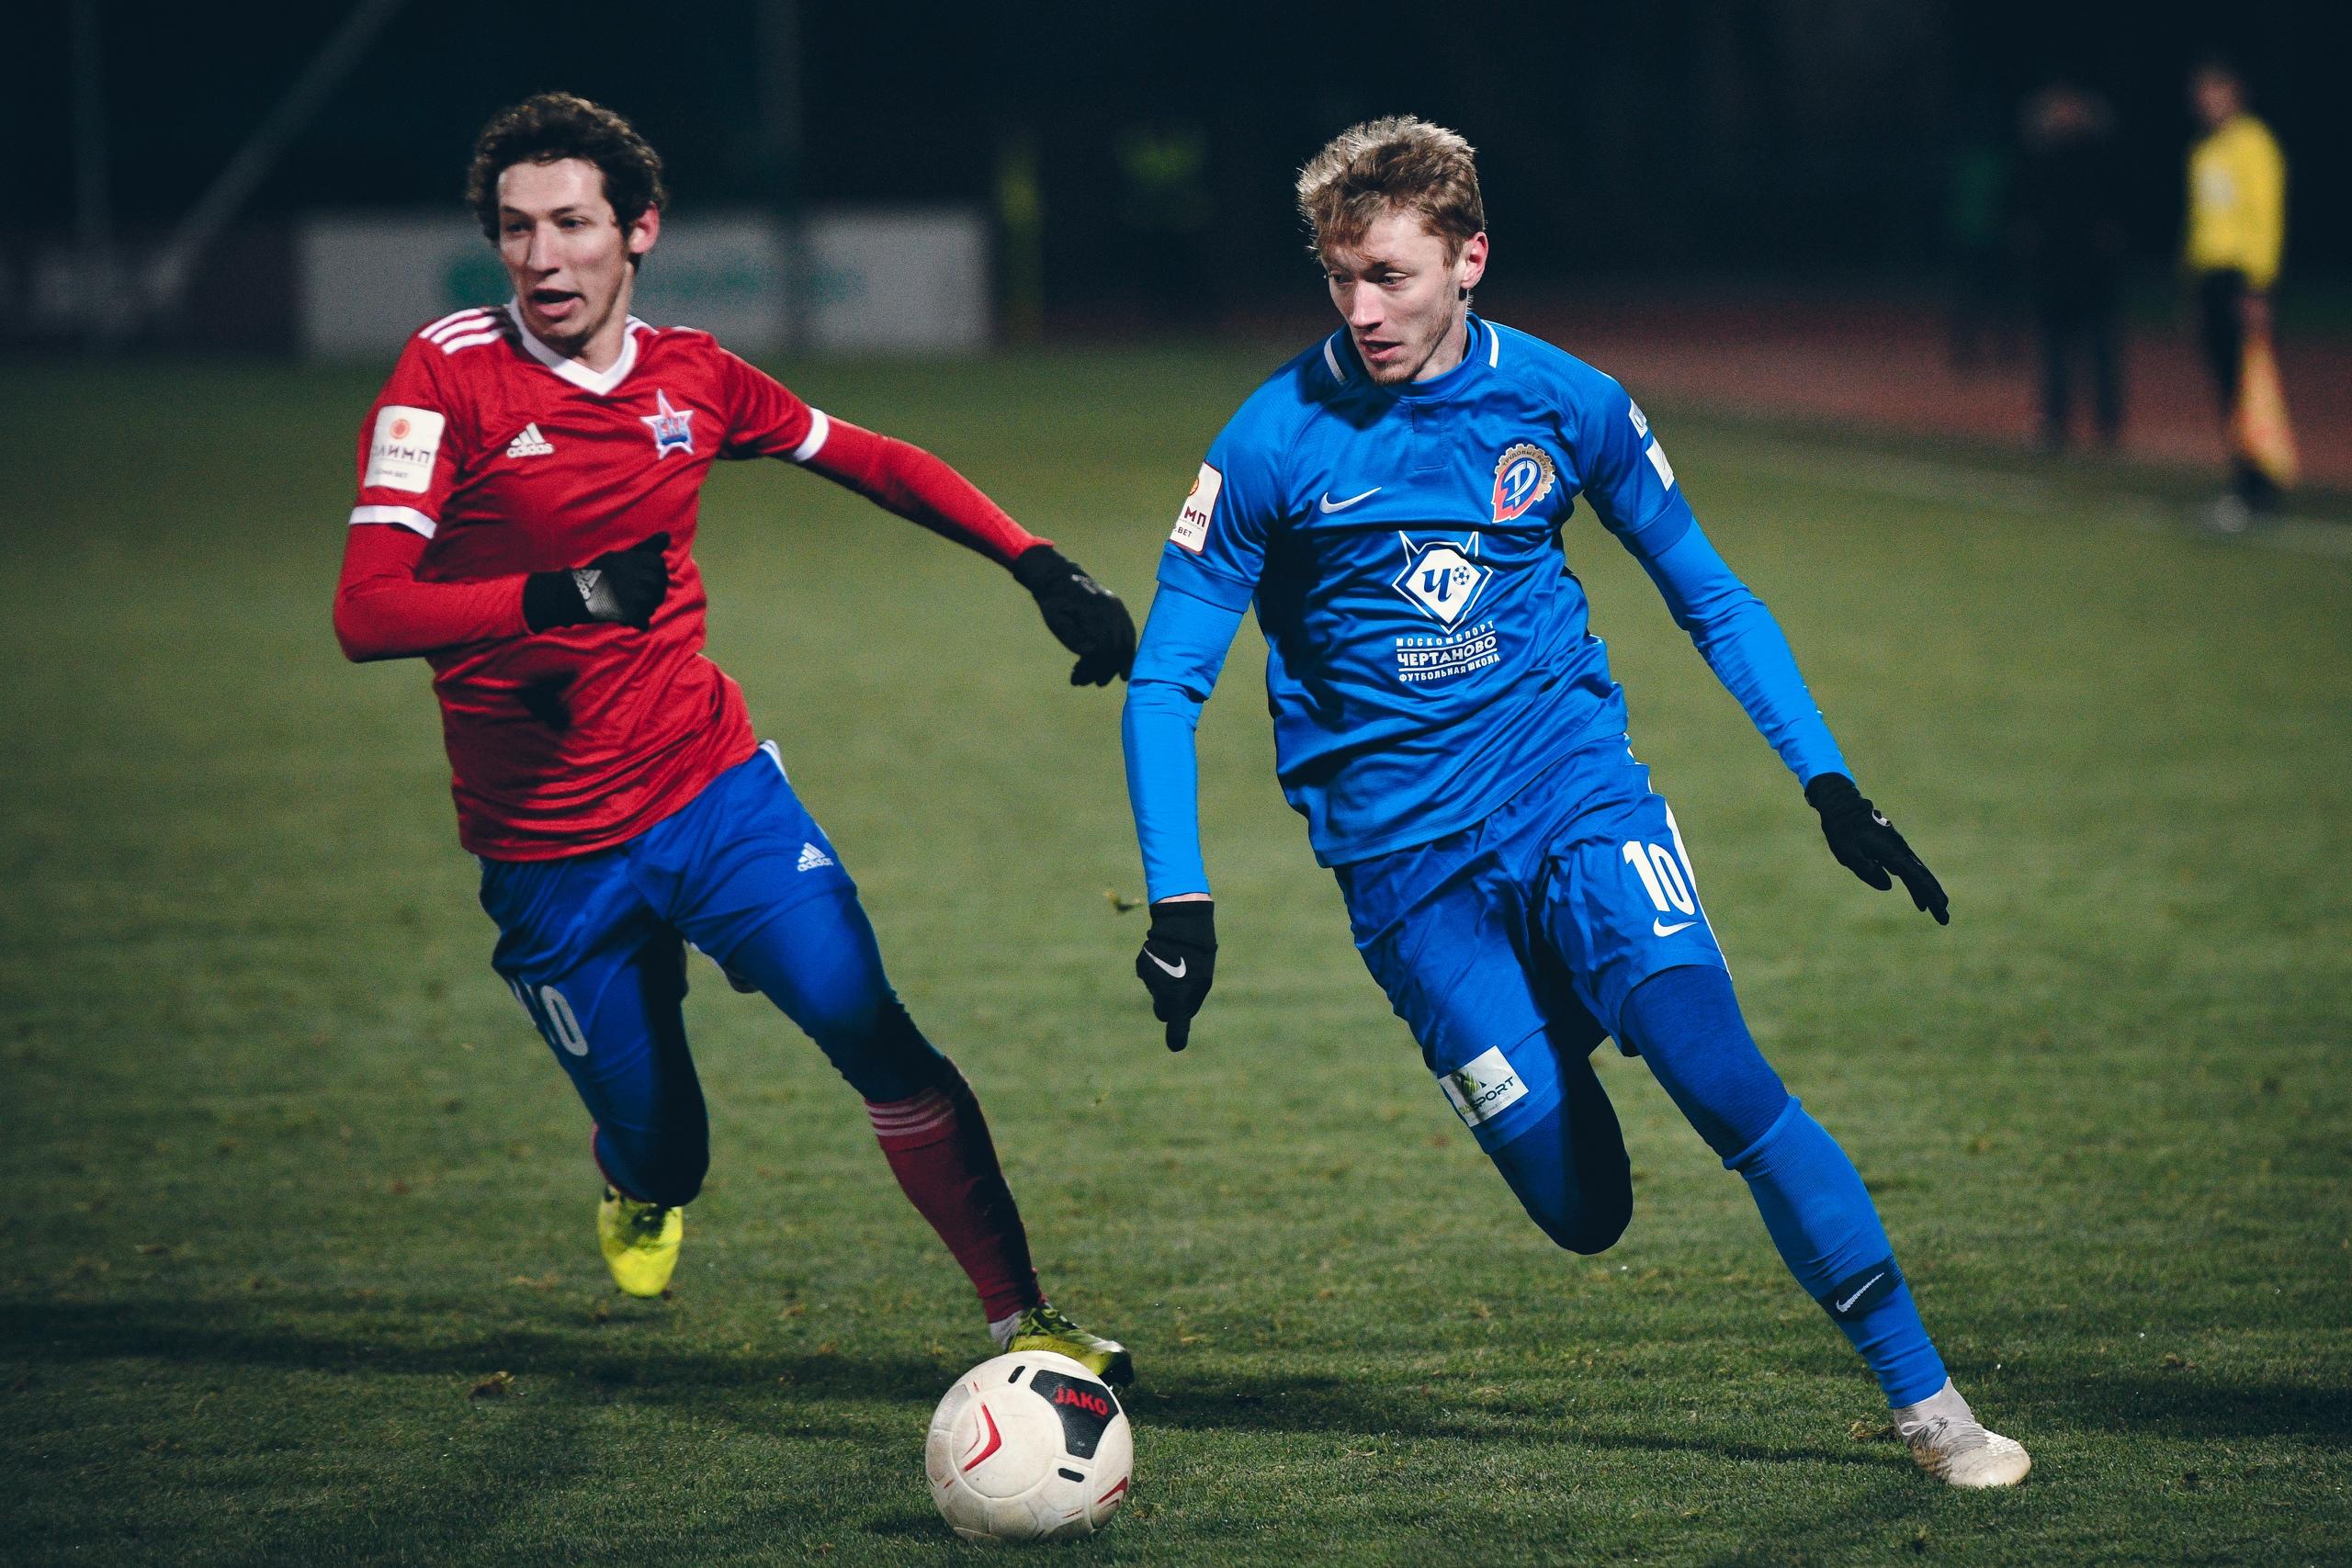 Молодежная команда «Чертаново» сыграет в РПЛ